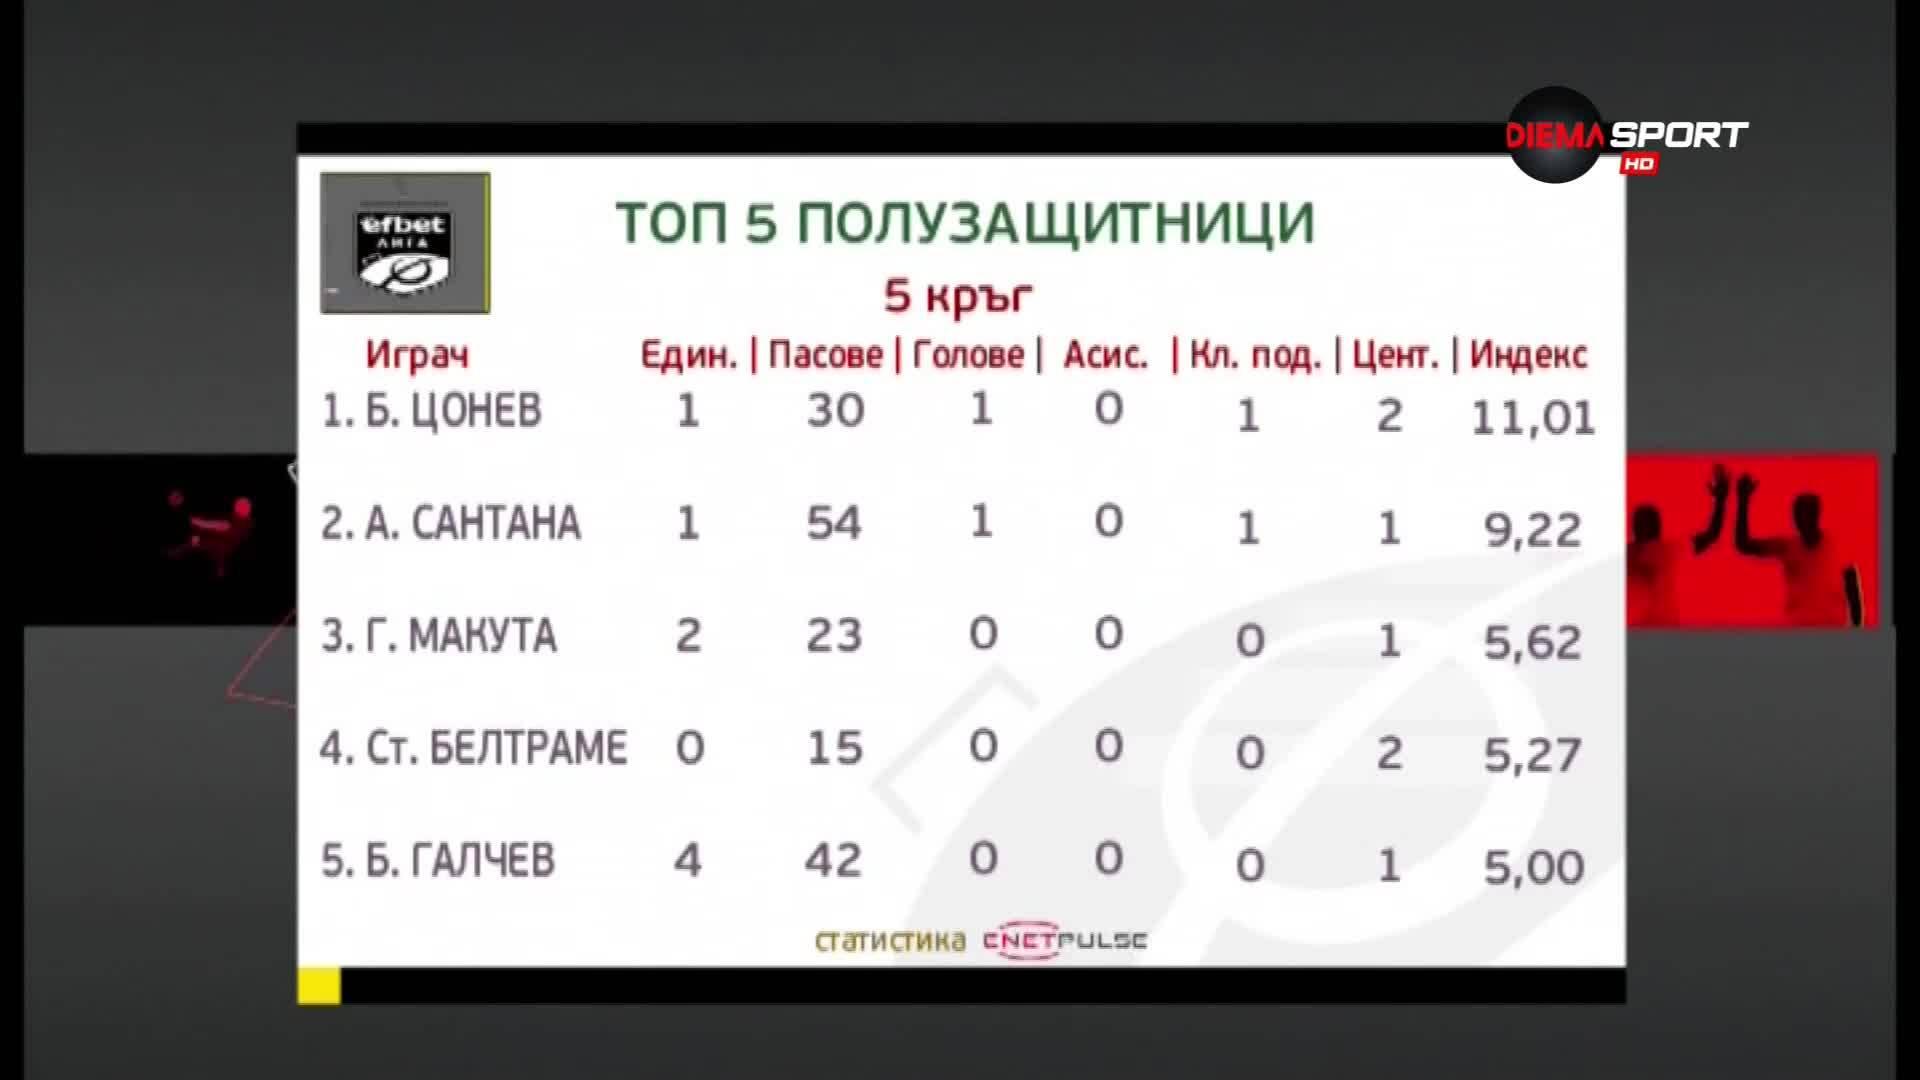 Боби Цонев е №1 при халфовете за петия кръг в efbet Лига